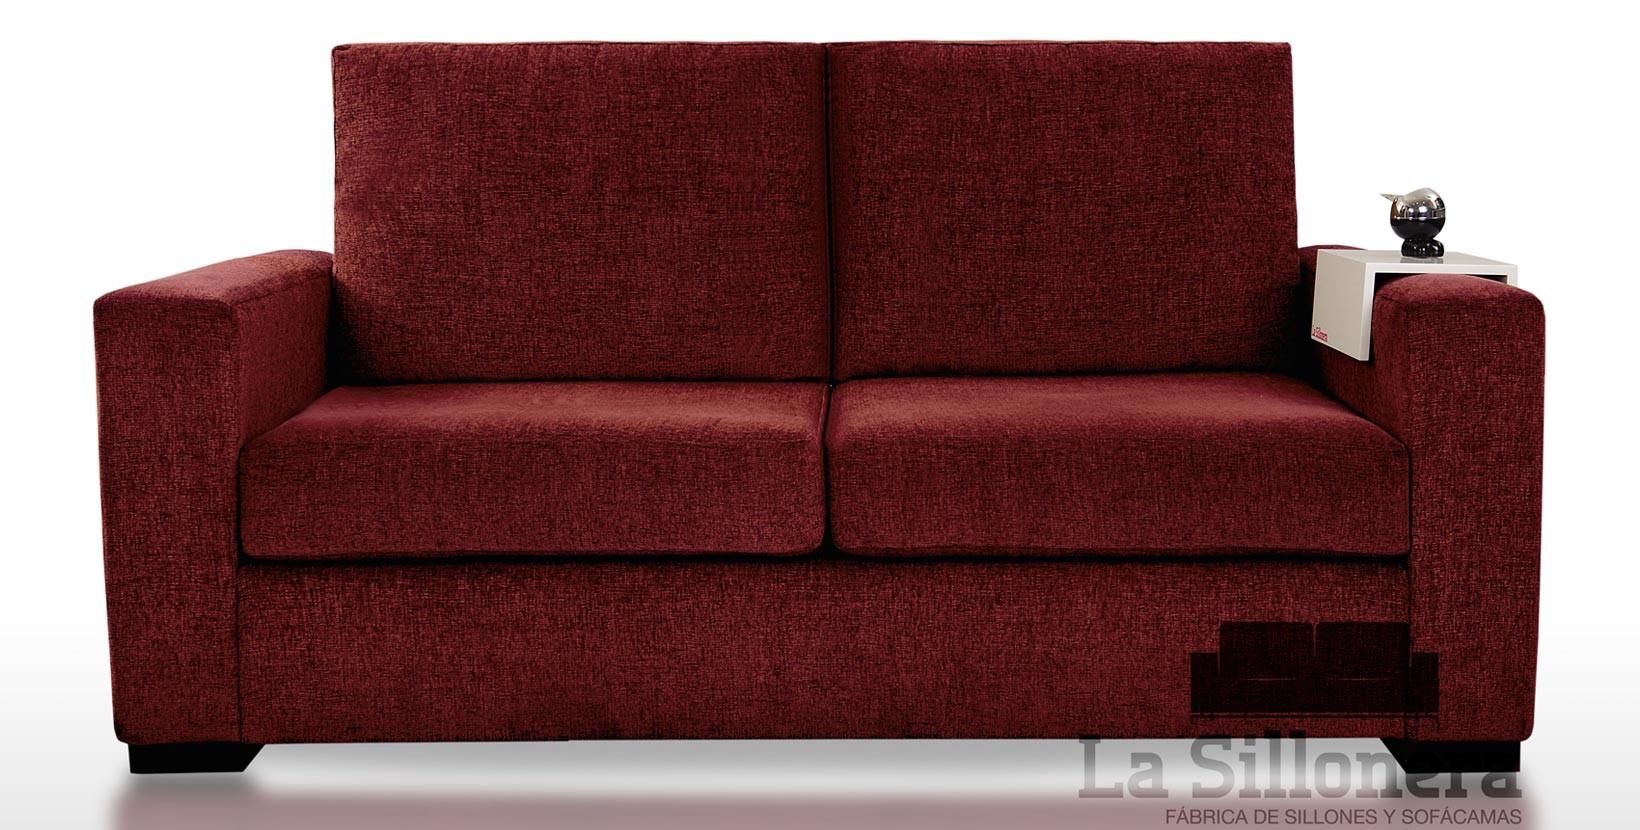 Sillon modelo luca 2 y 3 cuerpos for Sofa cama de 2 cuerpos